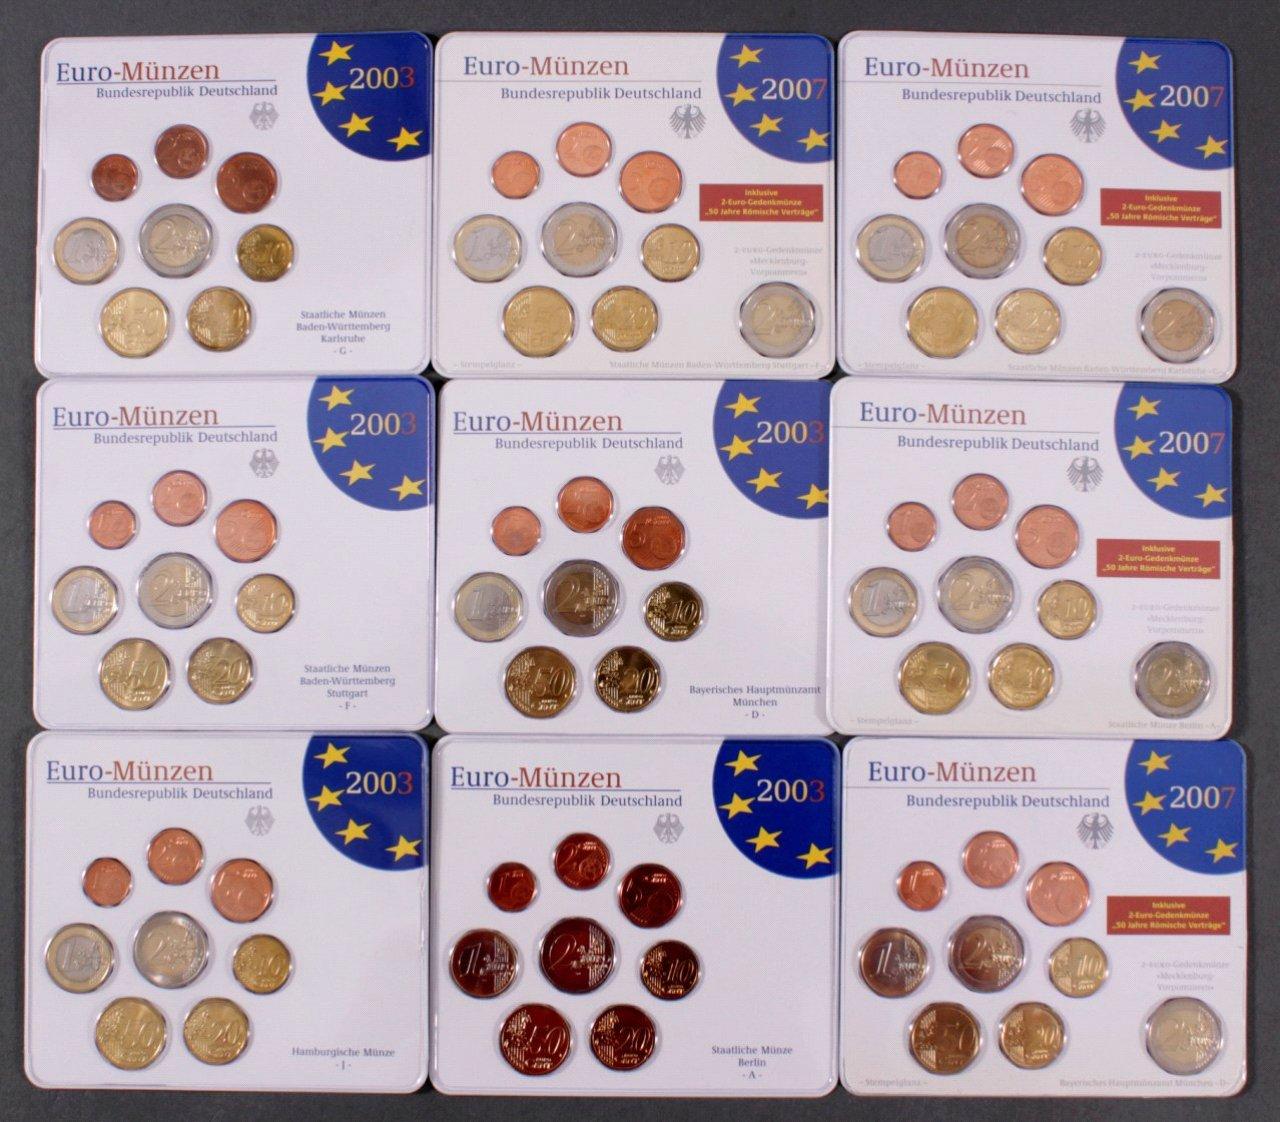 BRD Euro-Kursmünzensätze, 9 Stück